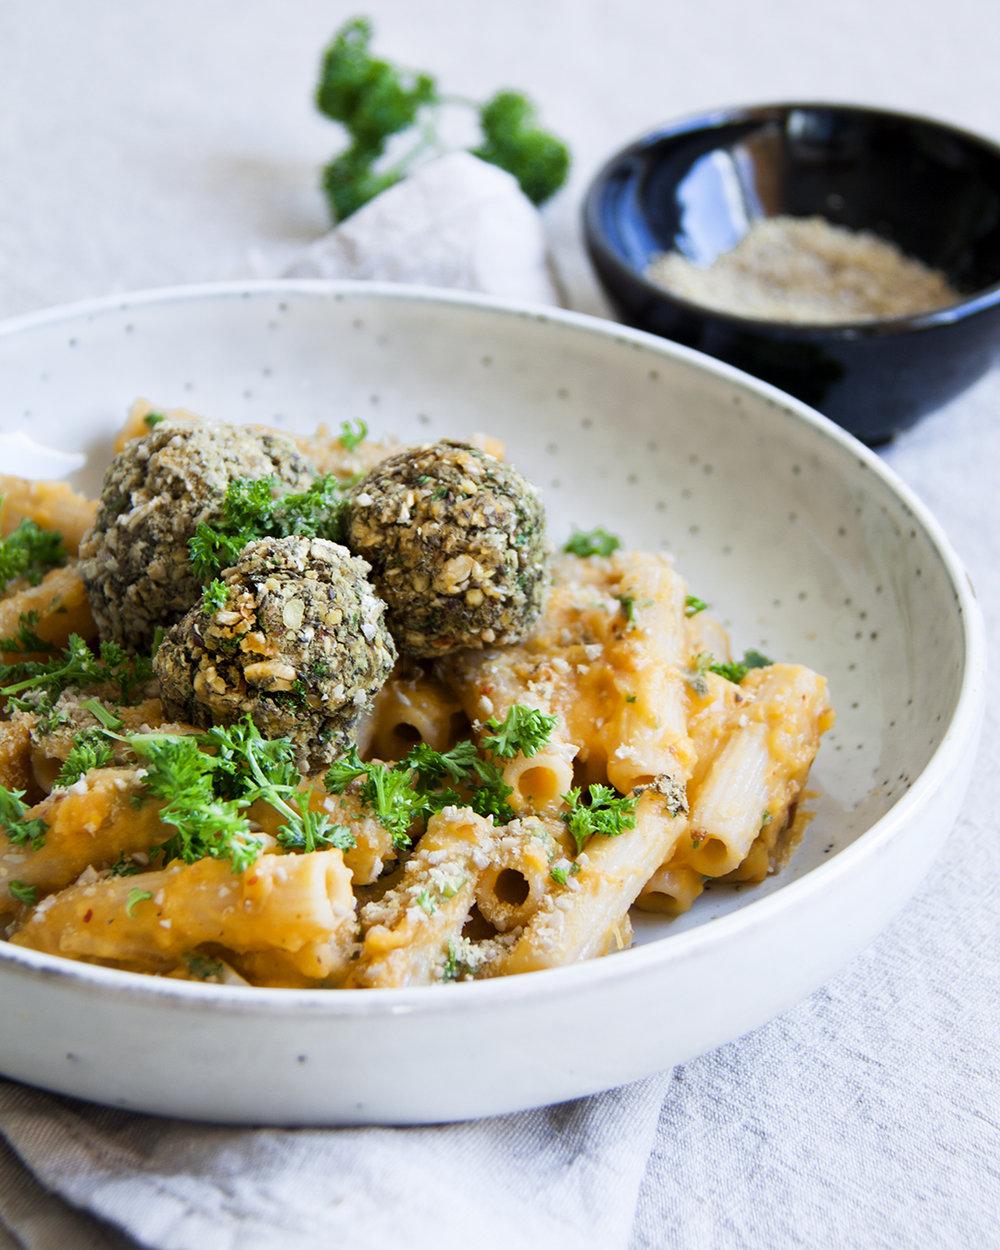 waarom-olie-even-slecht-is-als-suiker-pasta-01.jpg